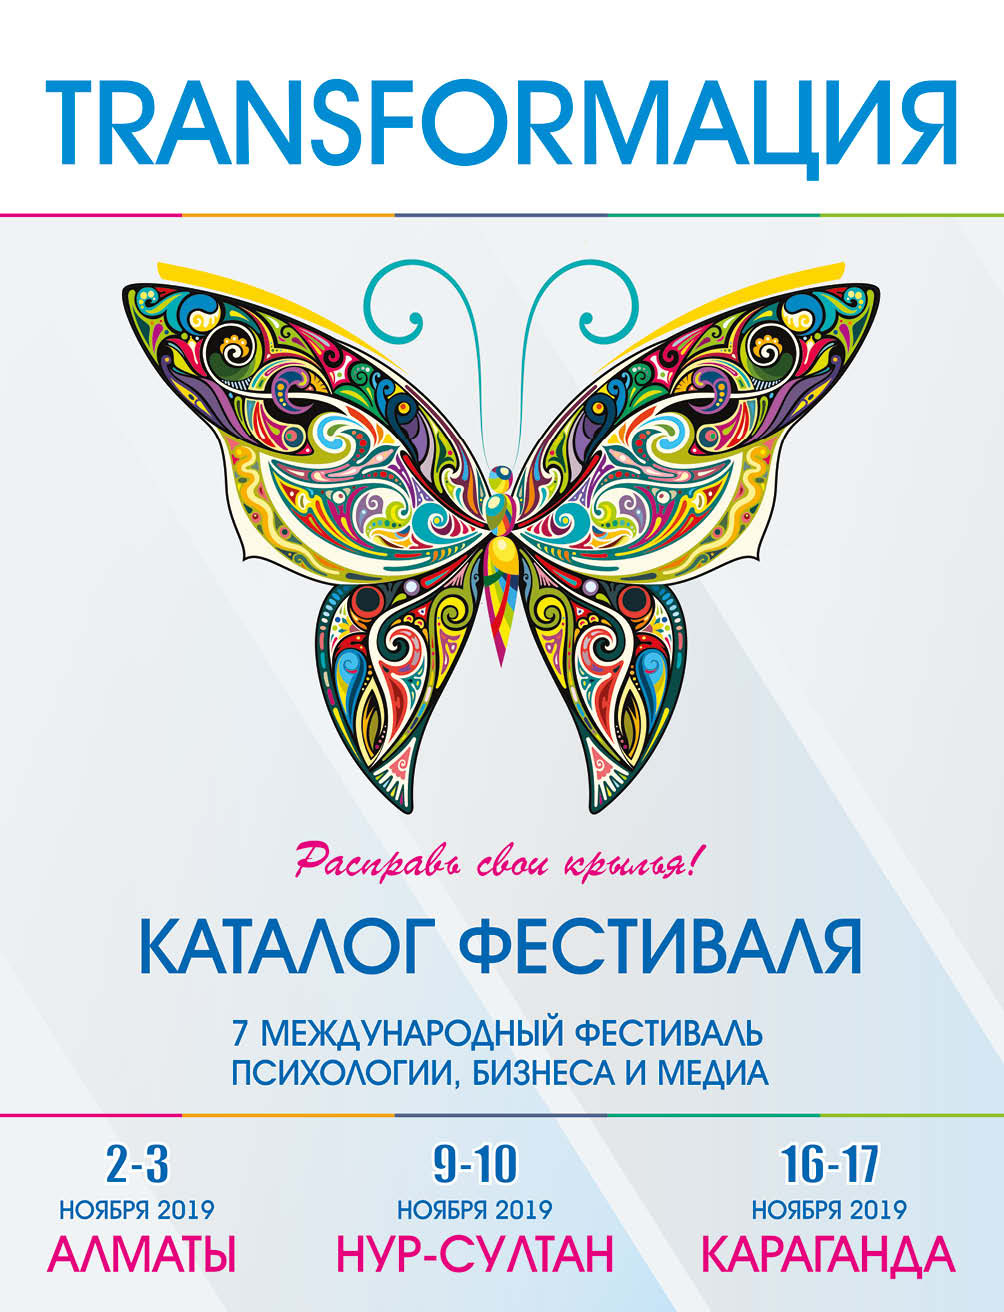 Transforмация: International Festival